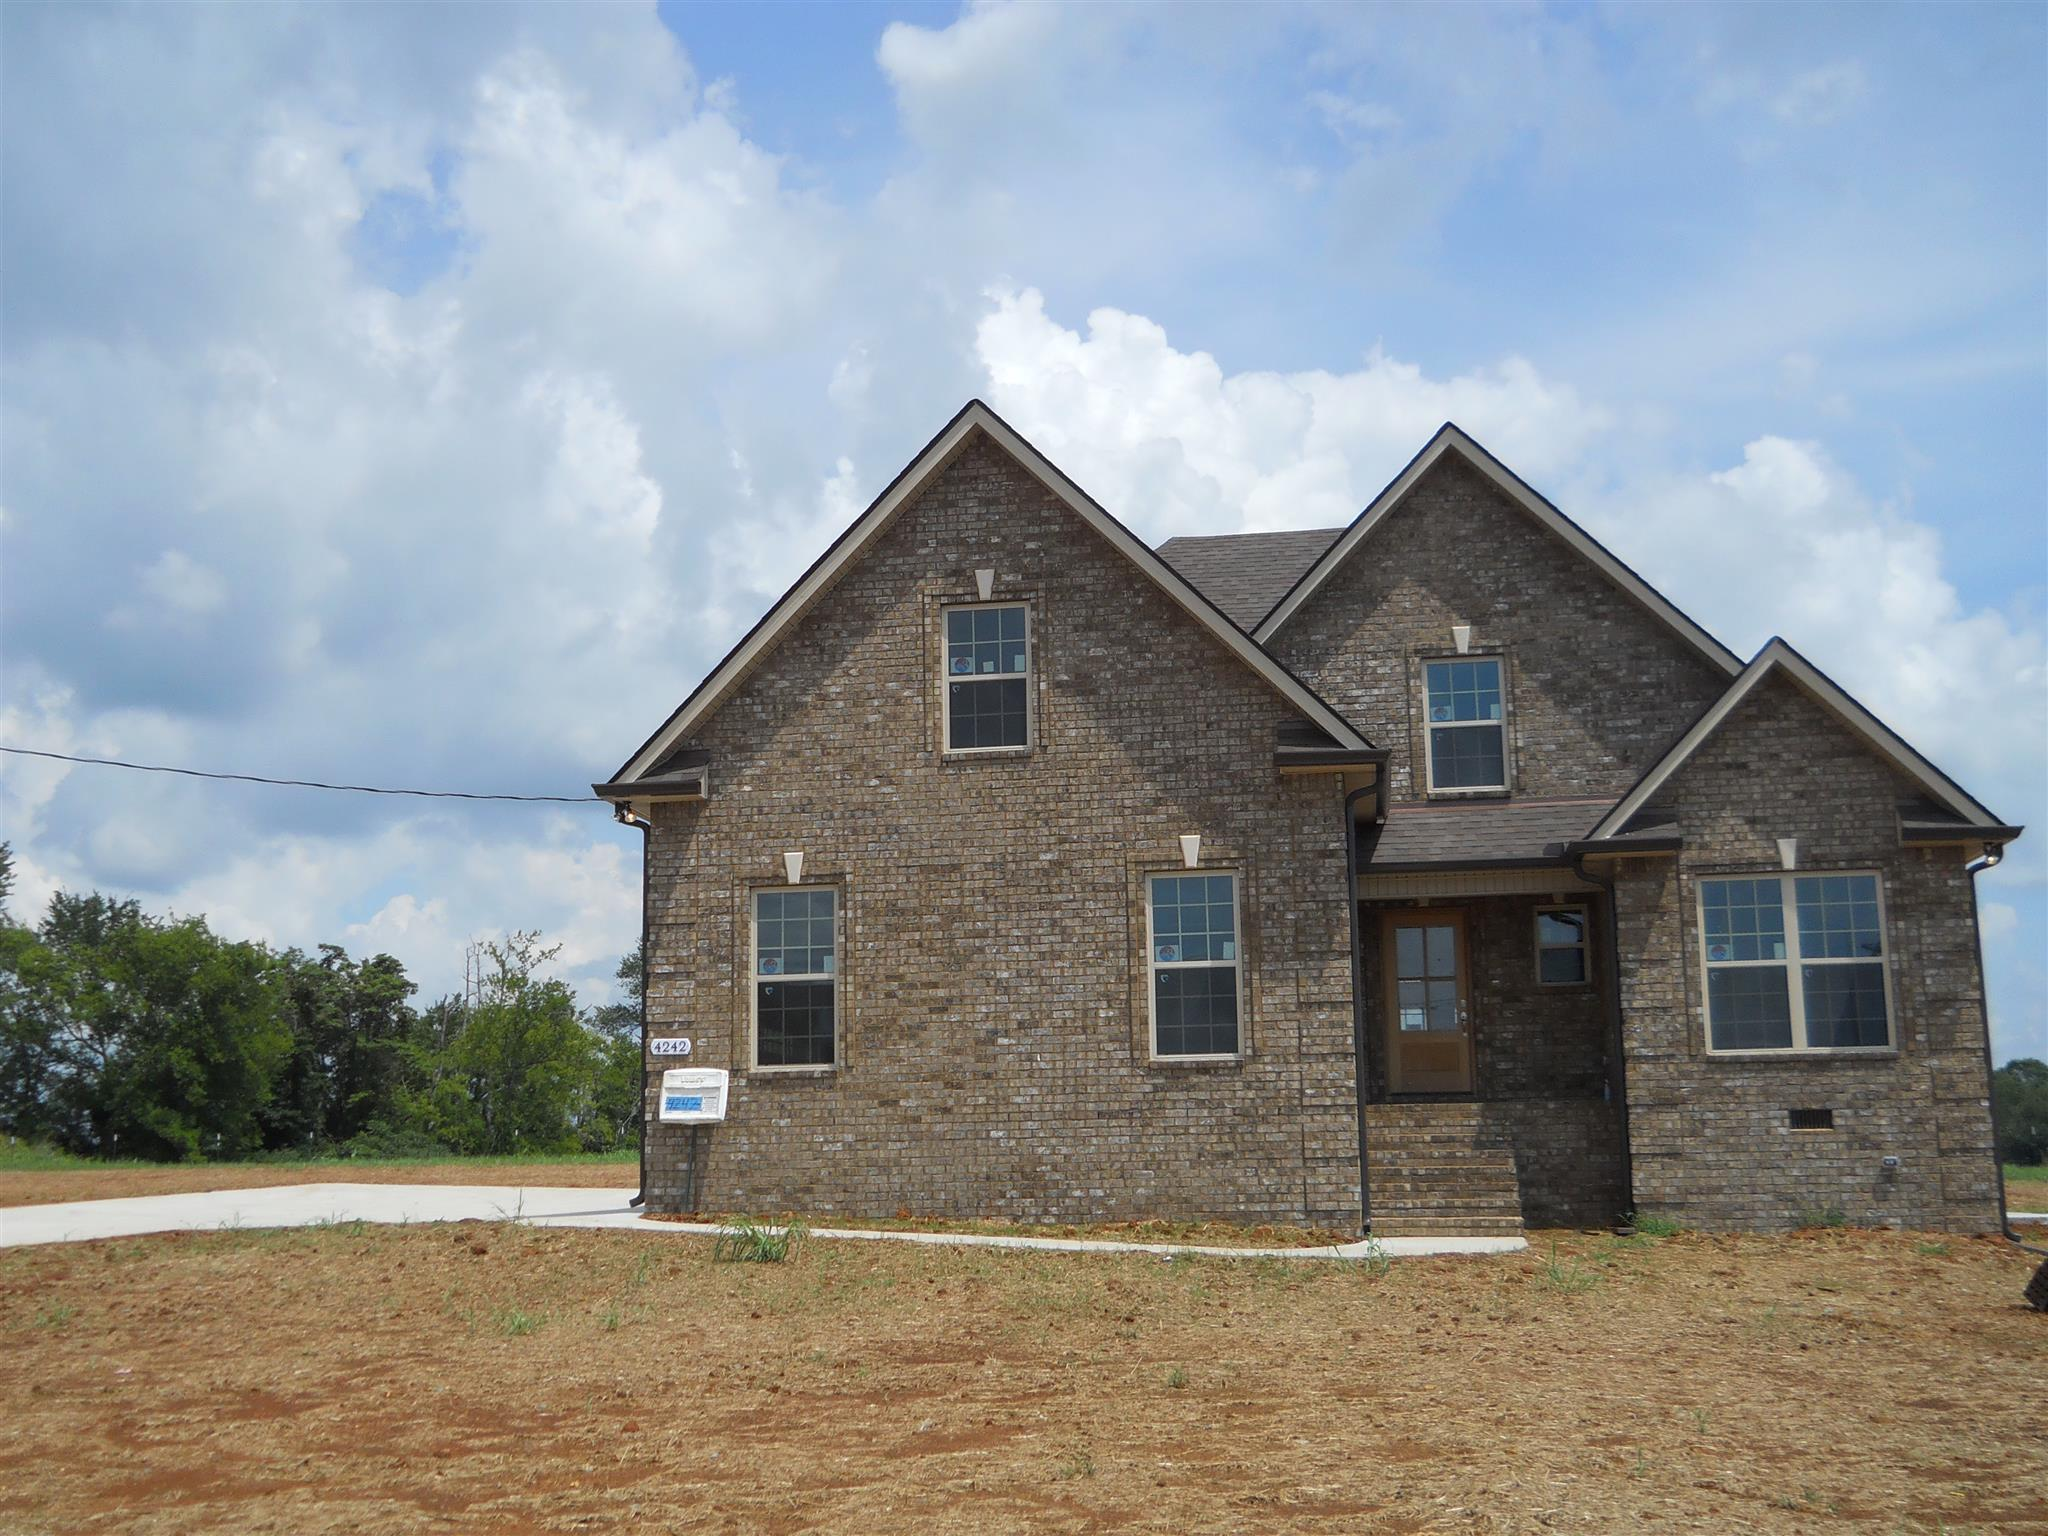 4242 Hwy 41 A North, Unionville, TN 37180 - Unionville, TN real estate listing